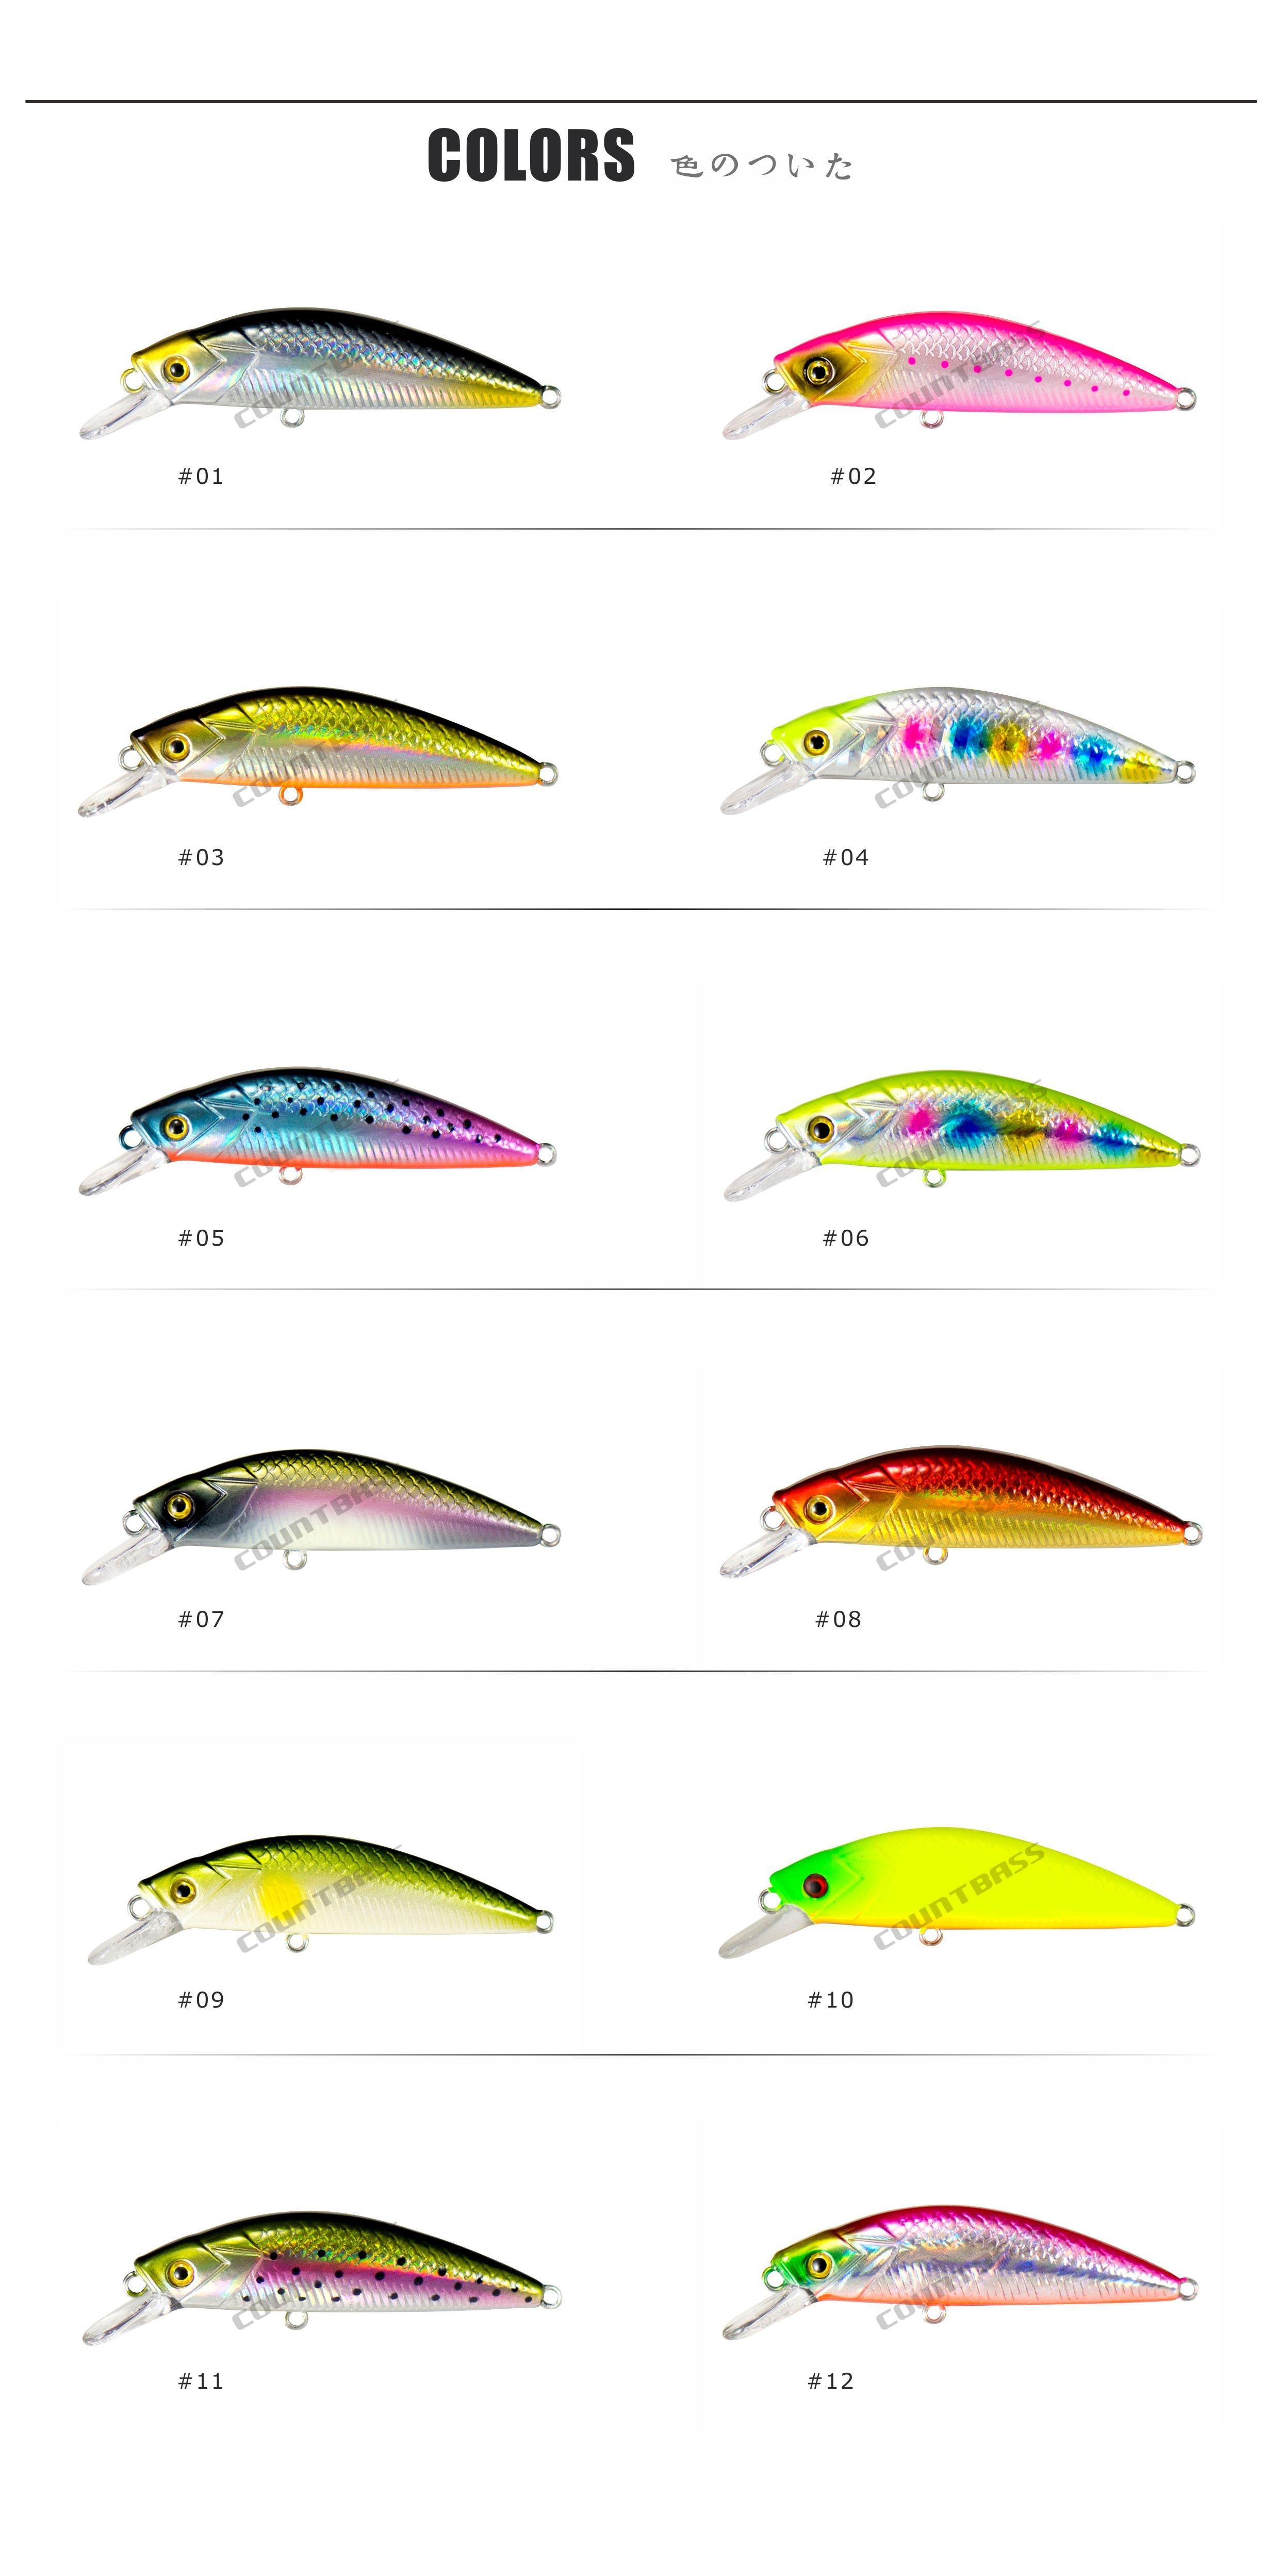 AM159-colors